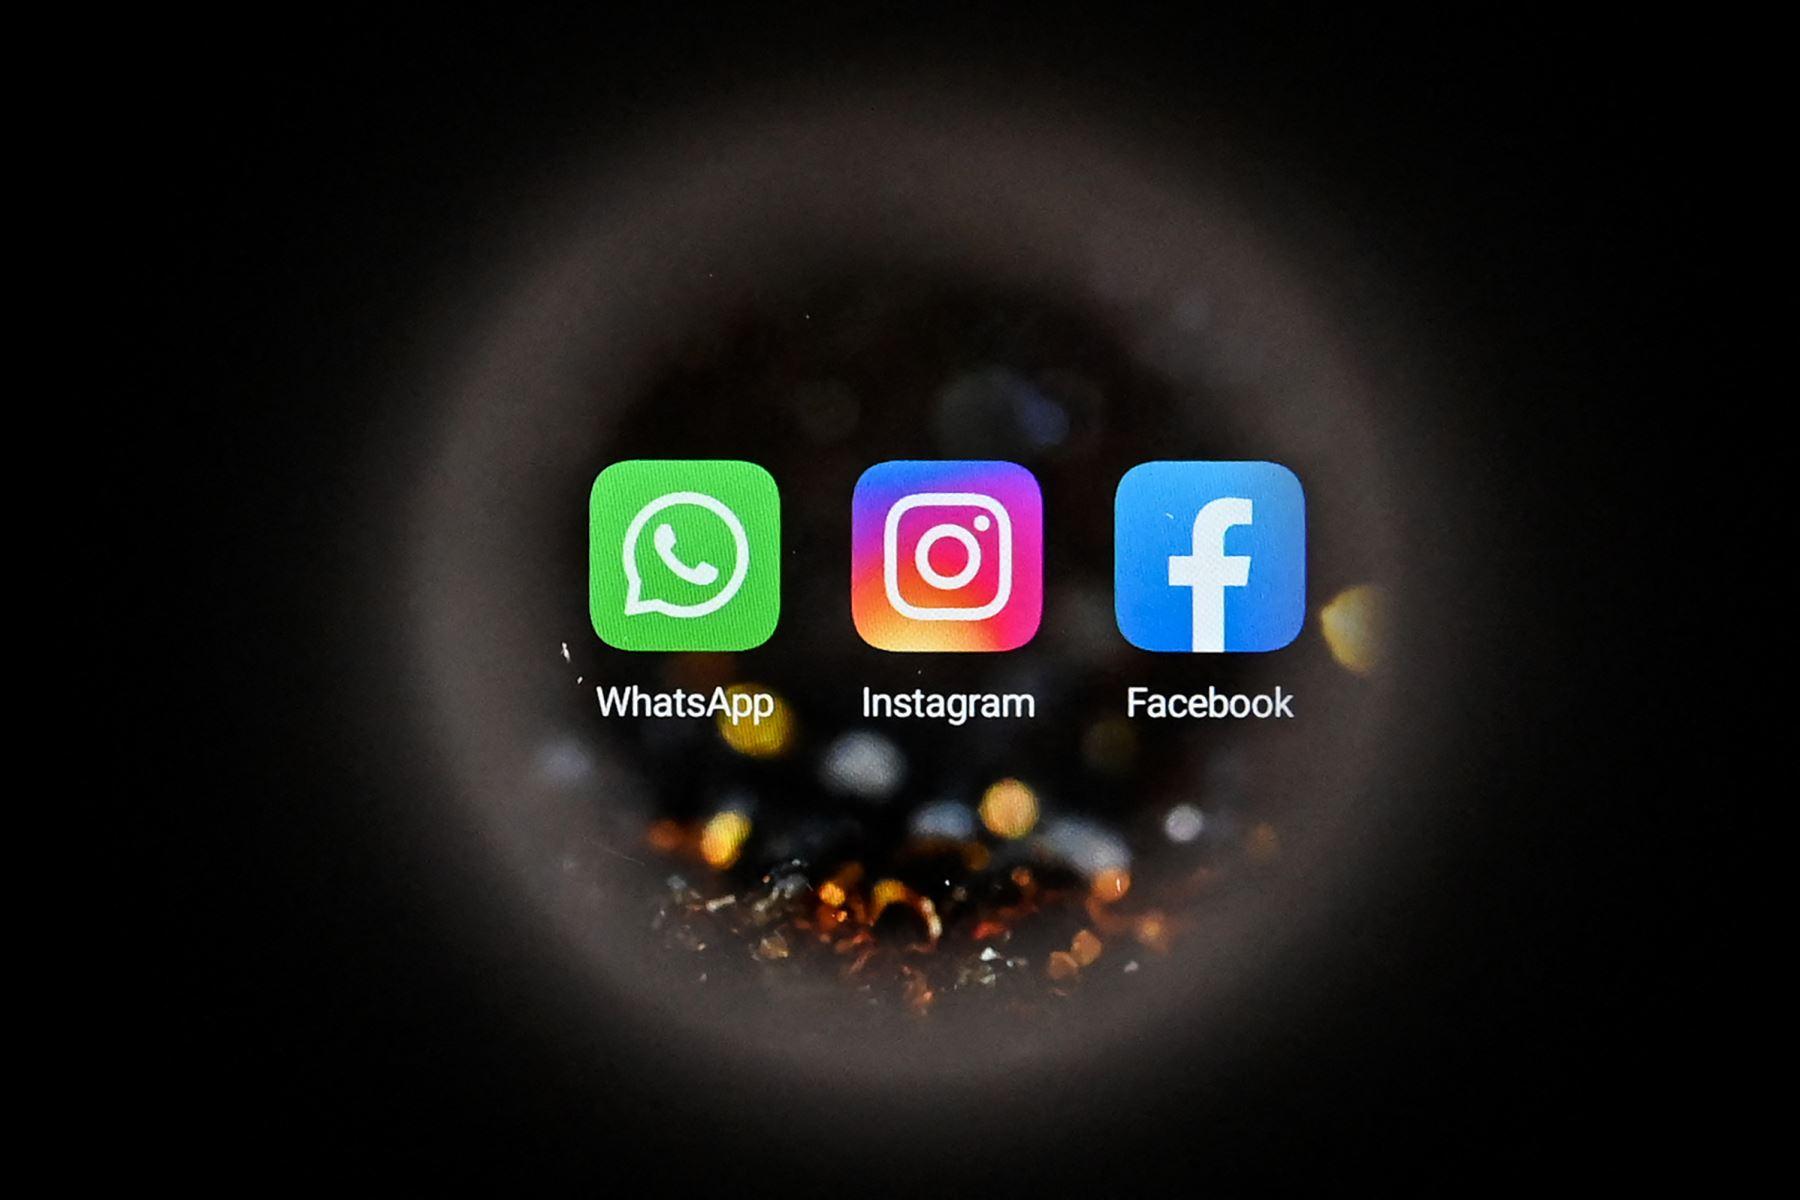 Facebook descarta un ataque y achaca el apagón del lunes a un error técnico